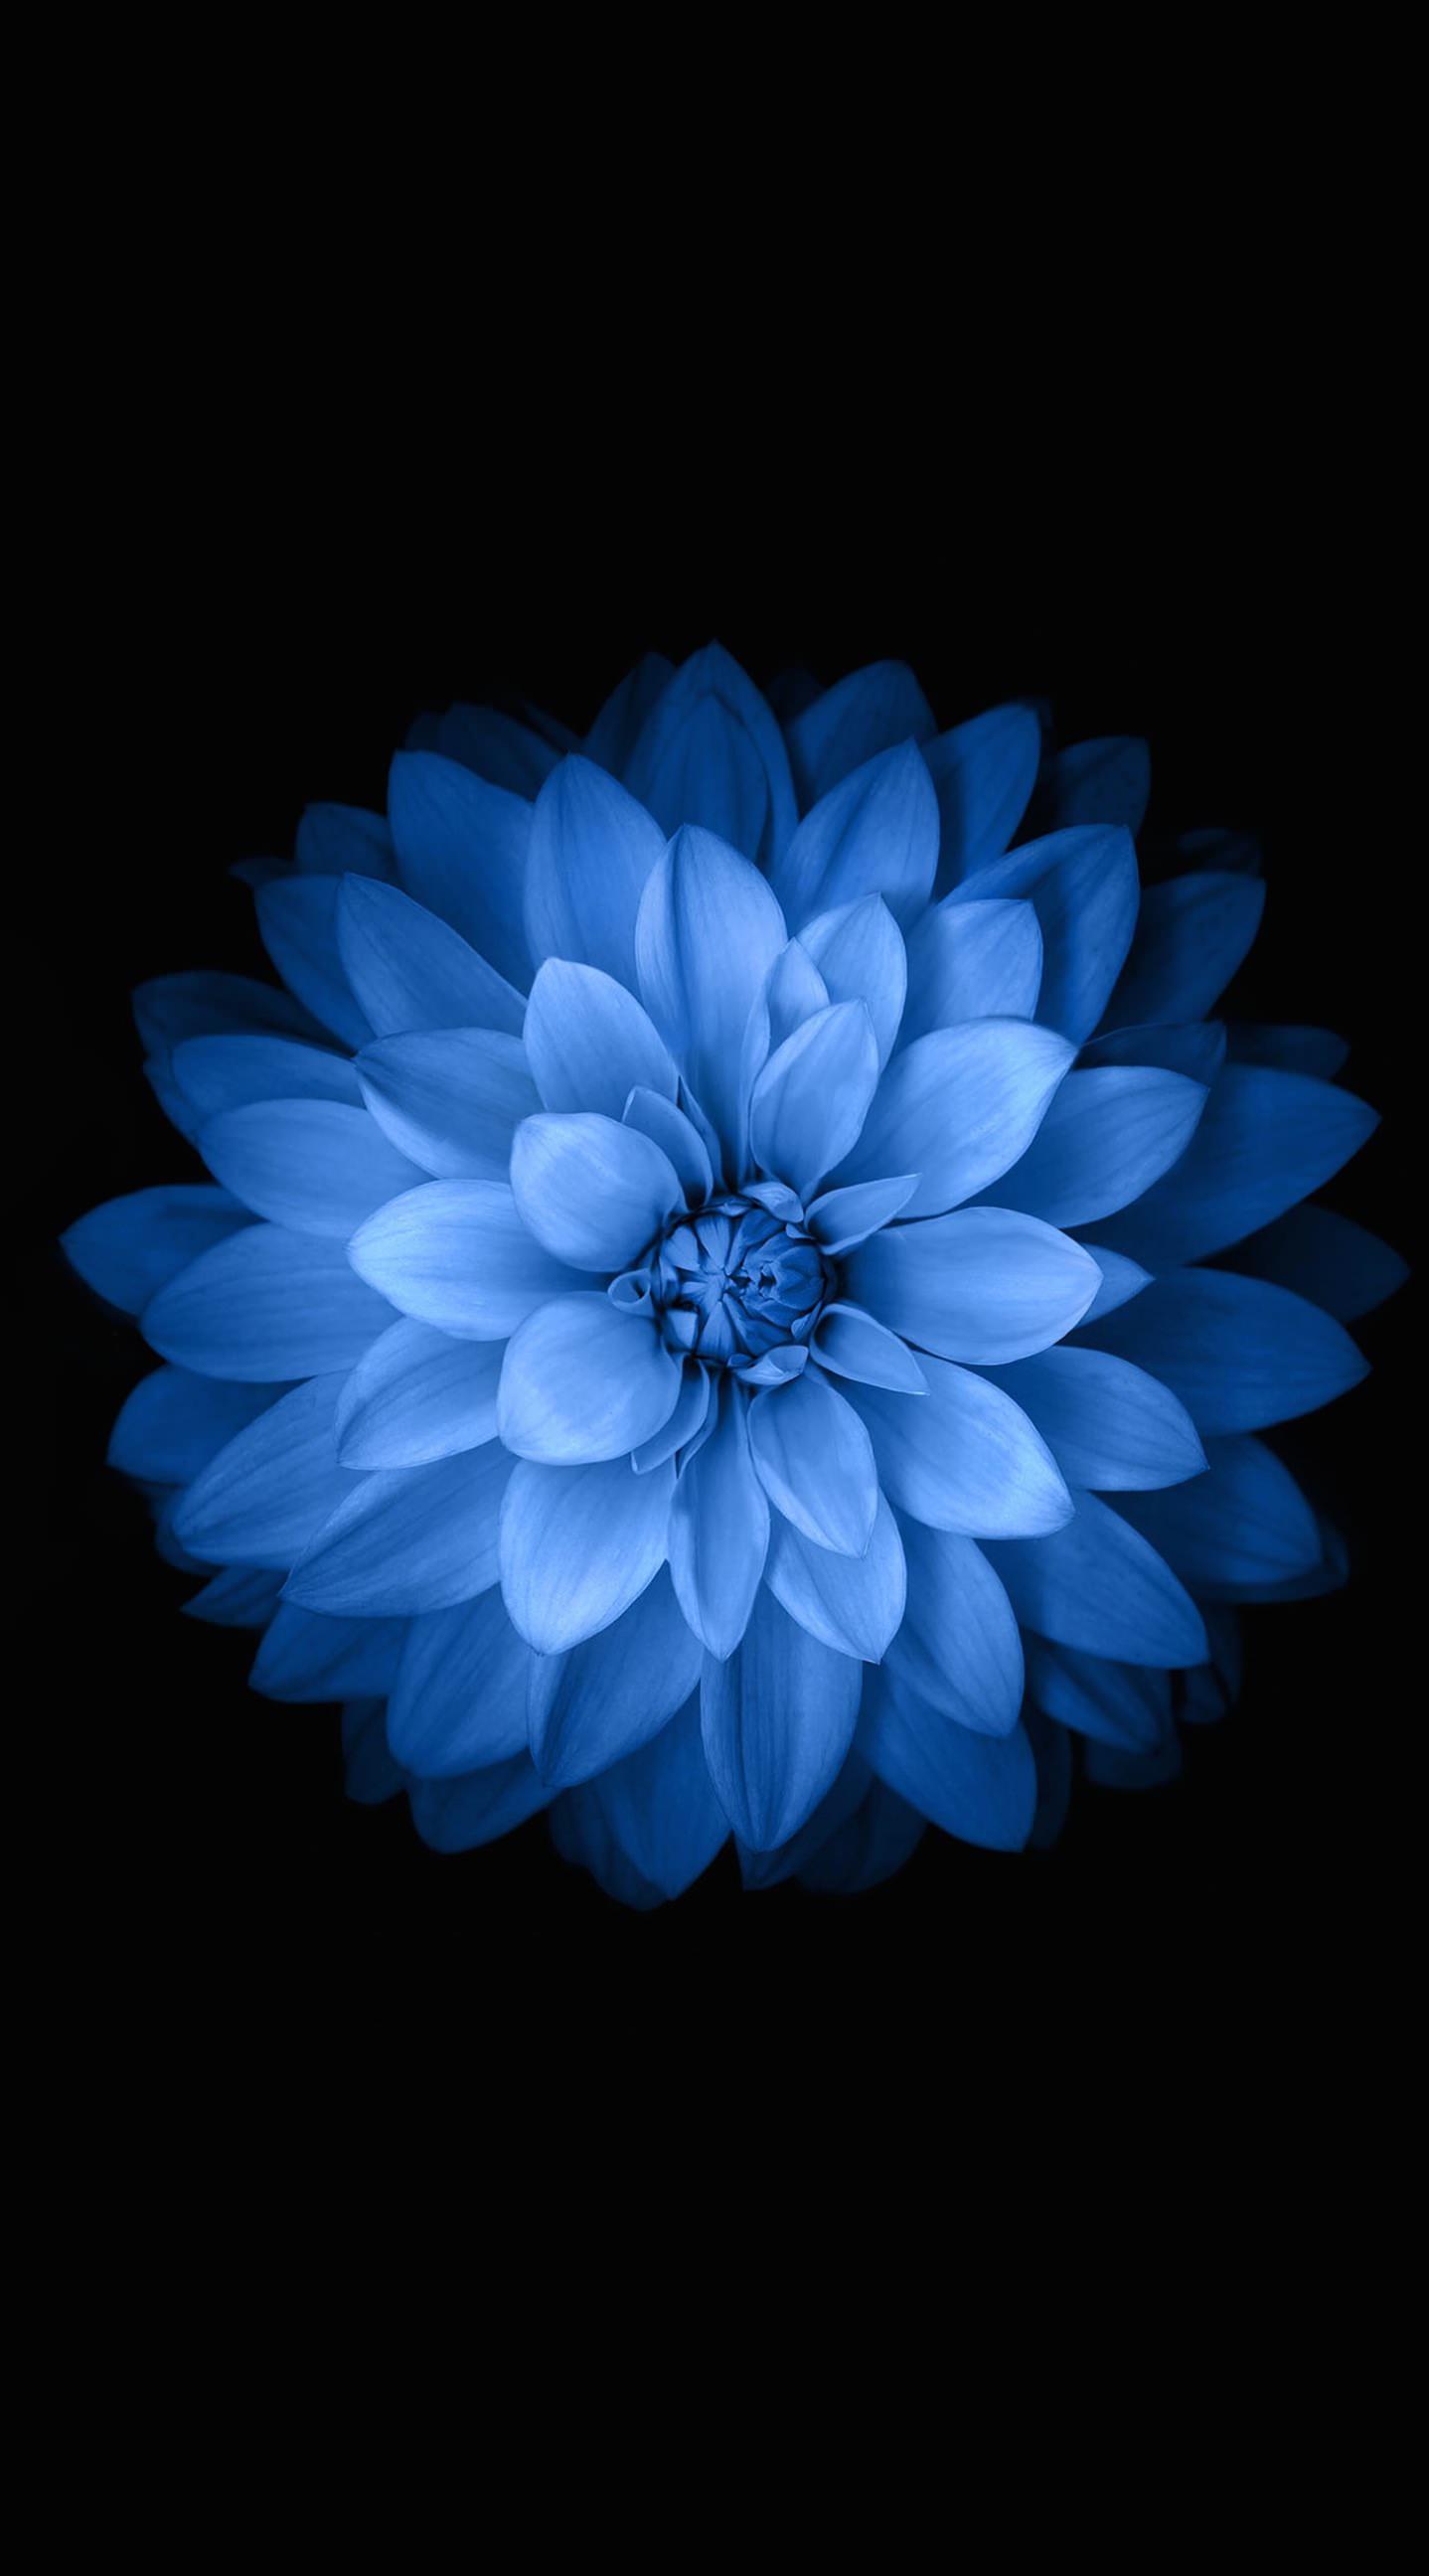 Flower Wallpaper For Iphone 6 Gastky3